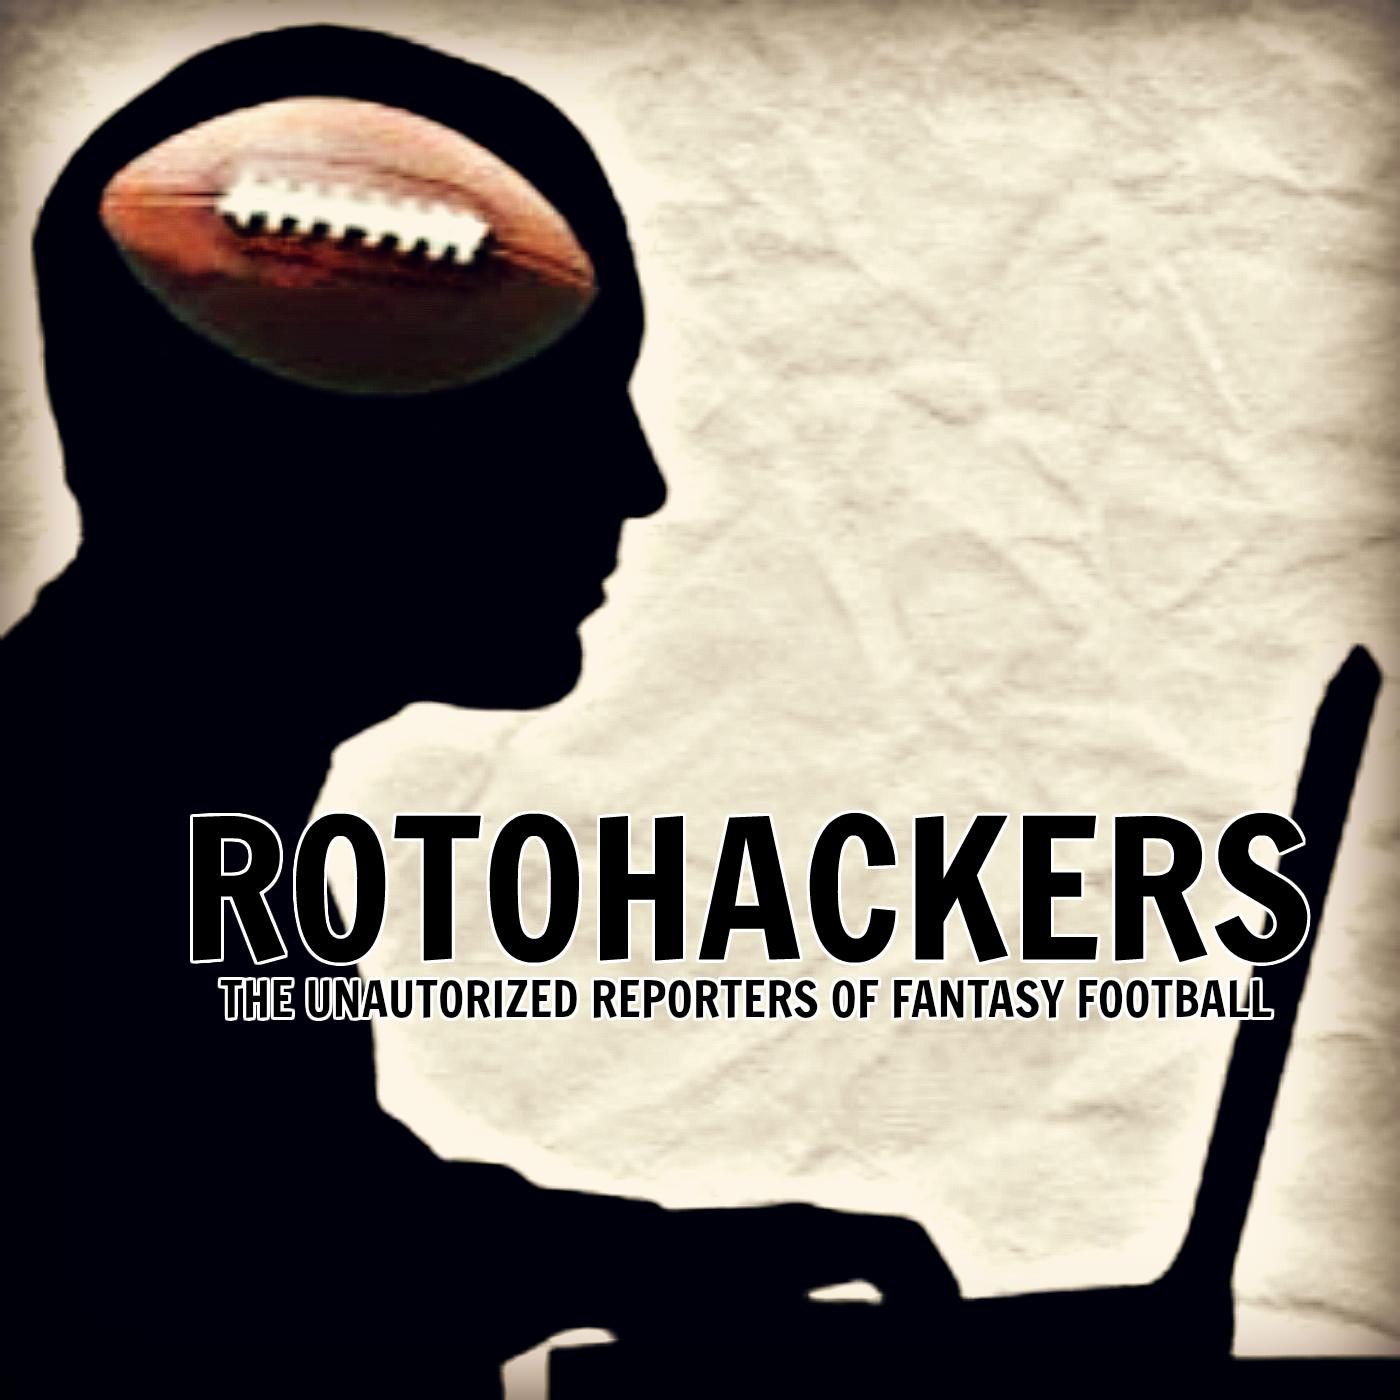 Rotohackers